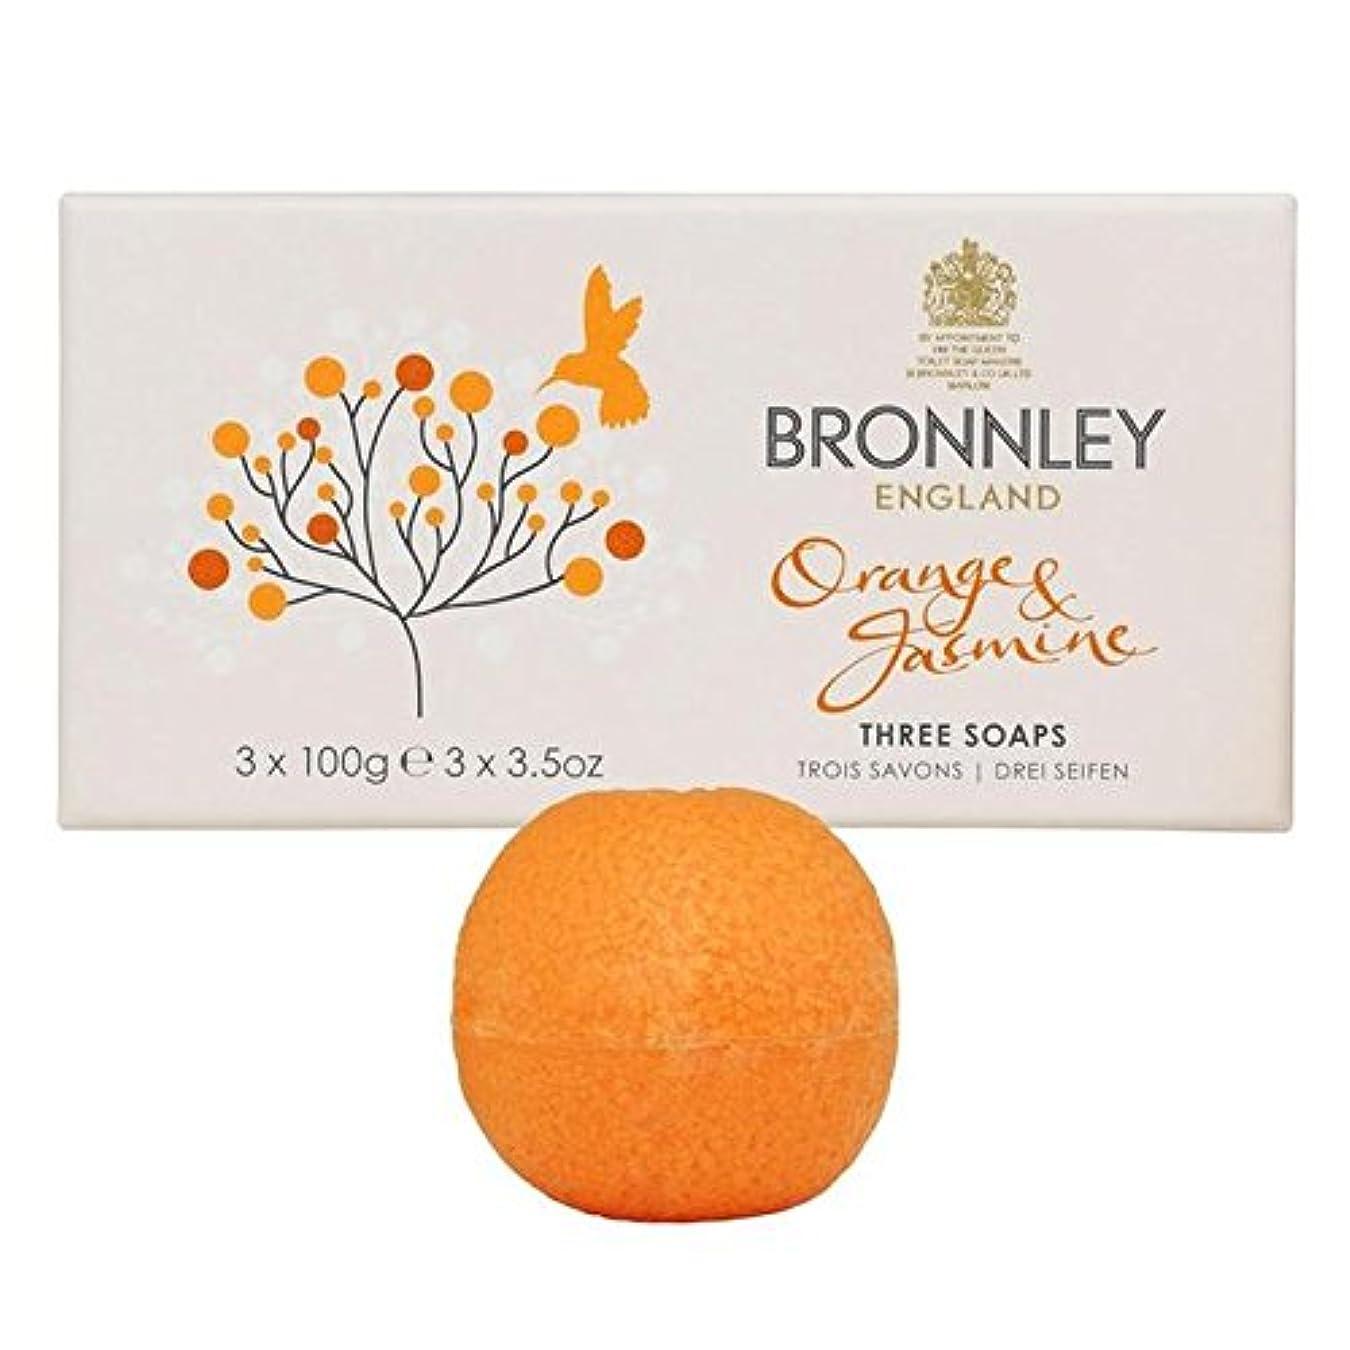 ハングすべき悪党Bronnley Orange & Jasmine Soaps 3 x 100g - オレンジ&ジャスミン石鹸3×100グラム [並行輸入品]